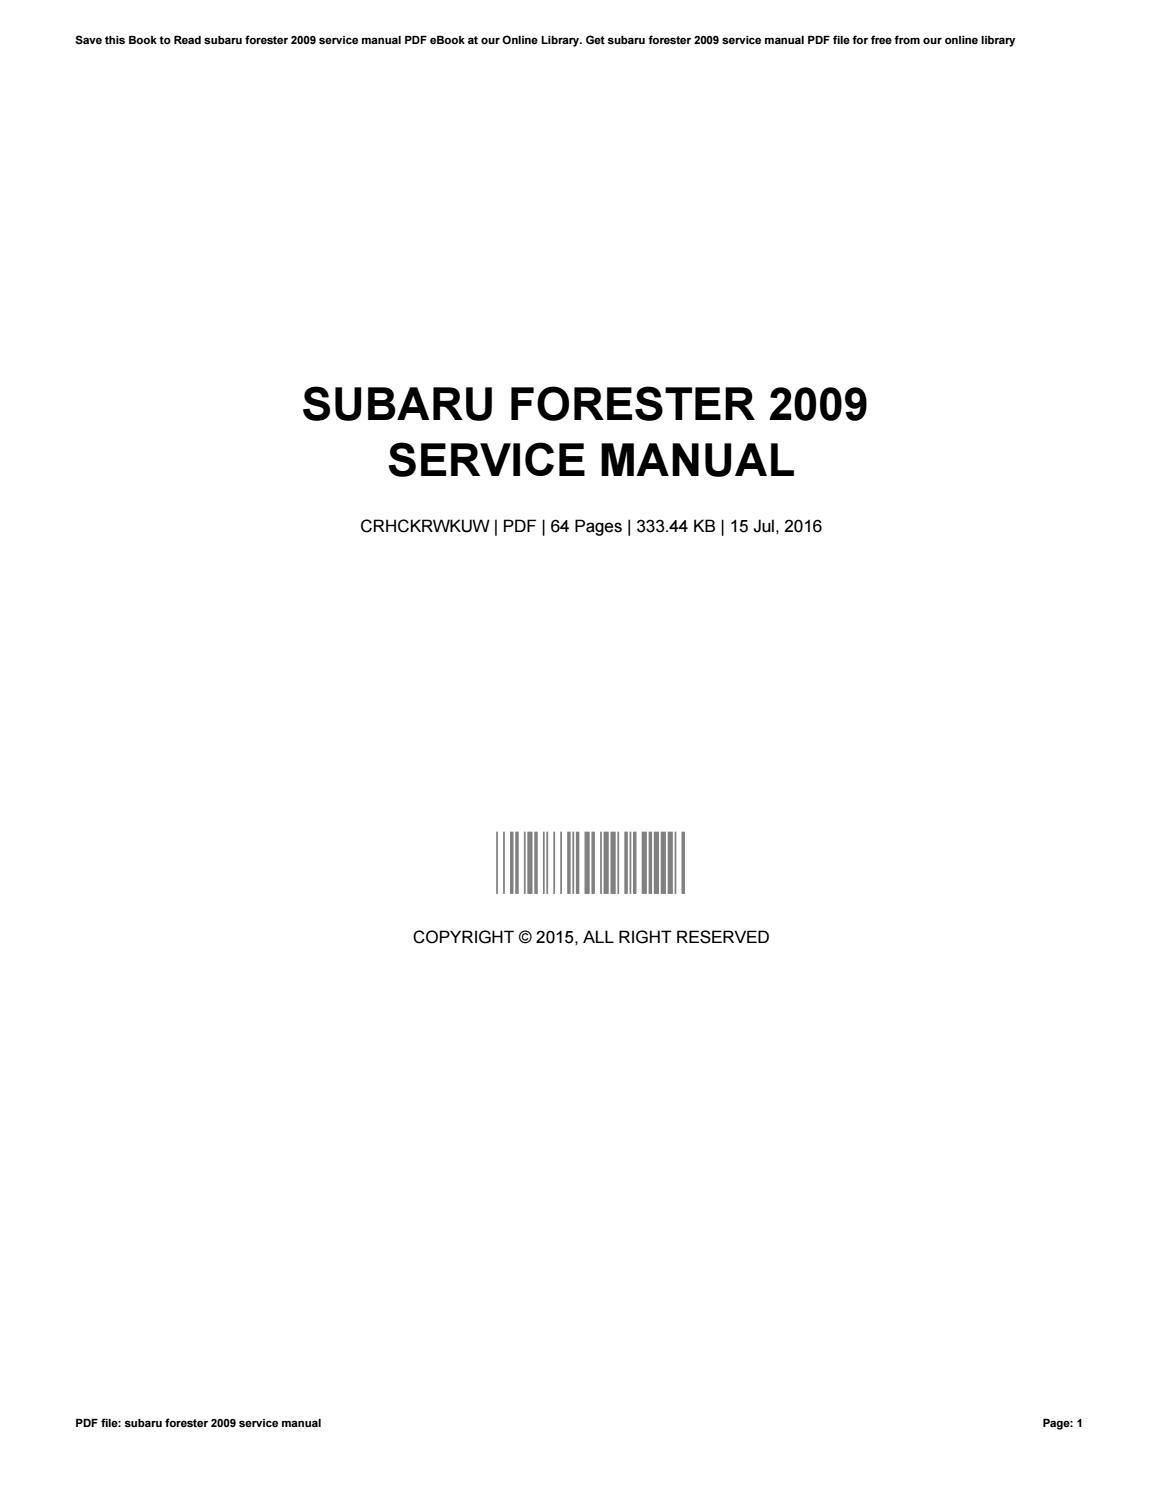 Subaru 2009 forester ultimate workshop factory service repair.